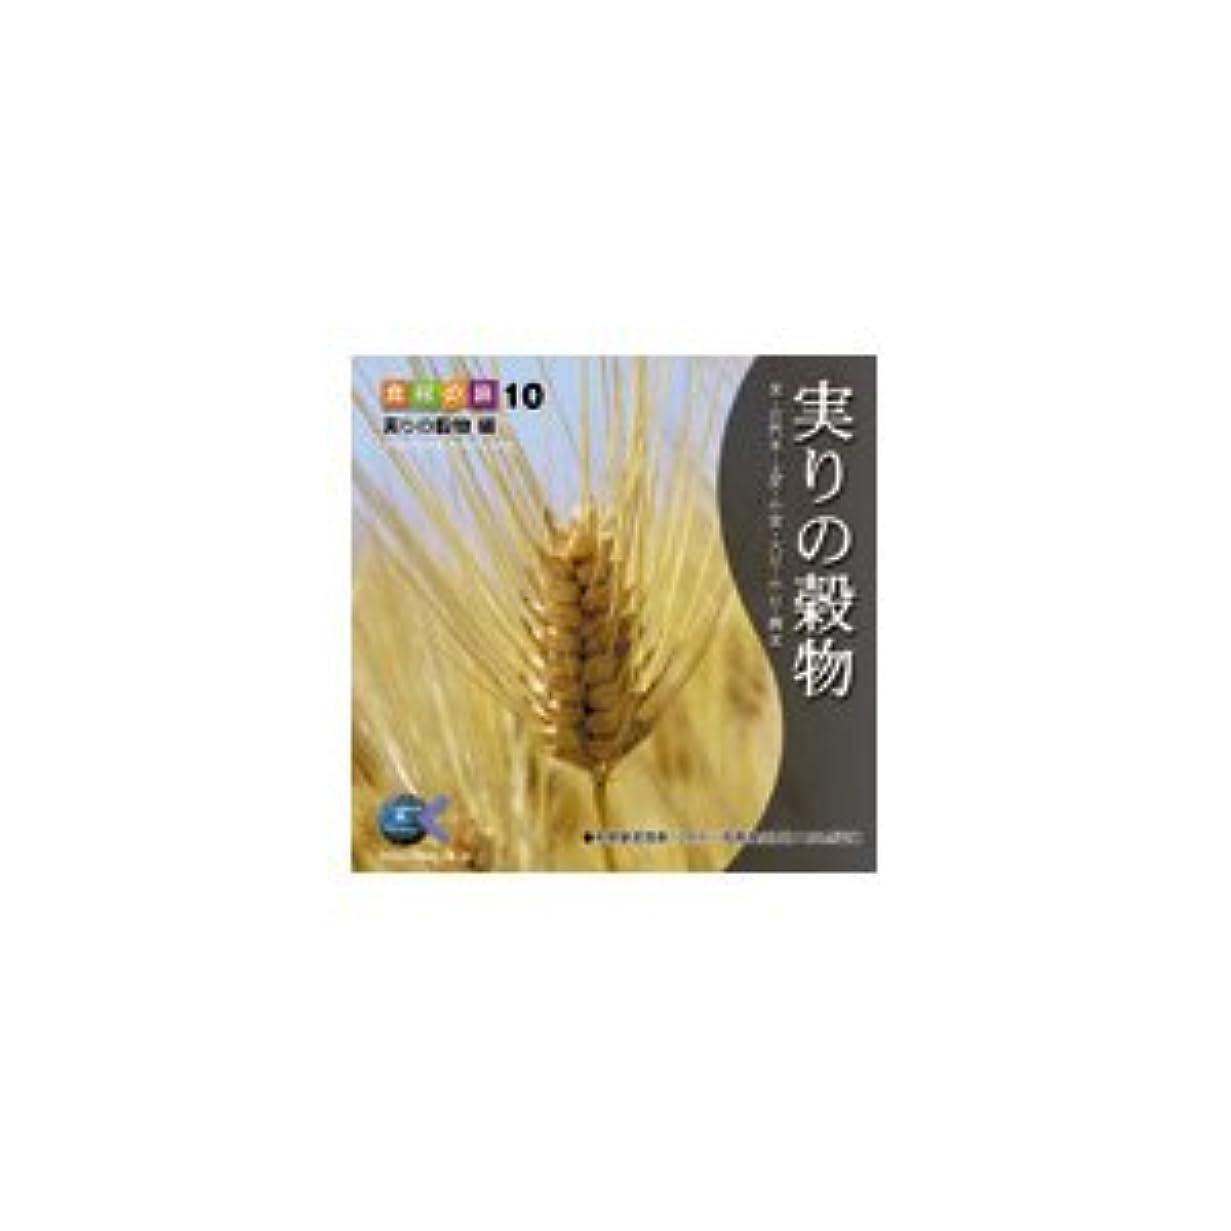 副詞孤独なレコーダー写真素材 マルク 食材の旅10「実りの穀物」編 ds-67410